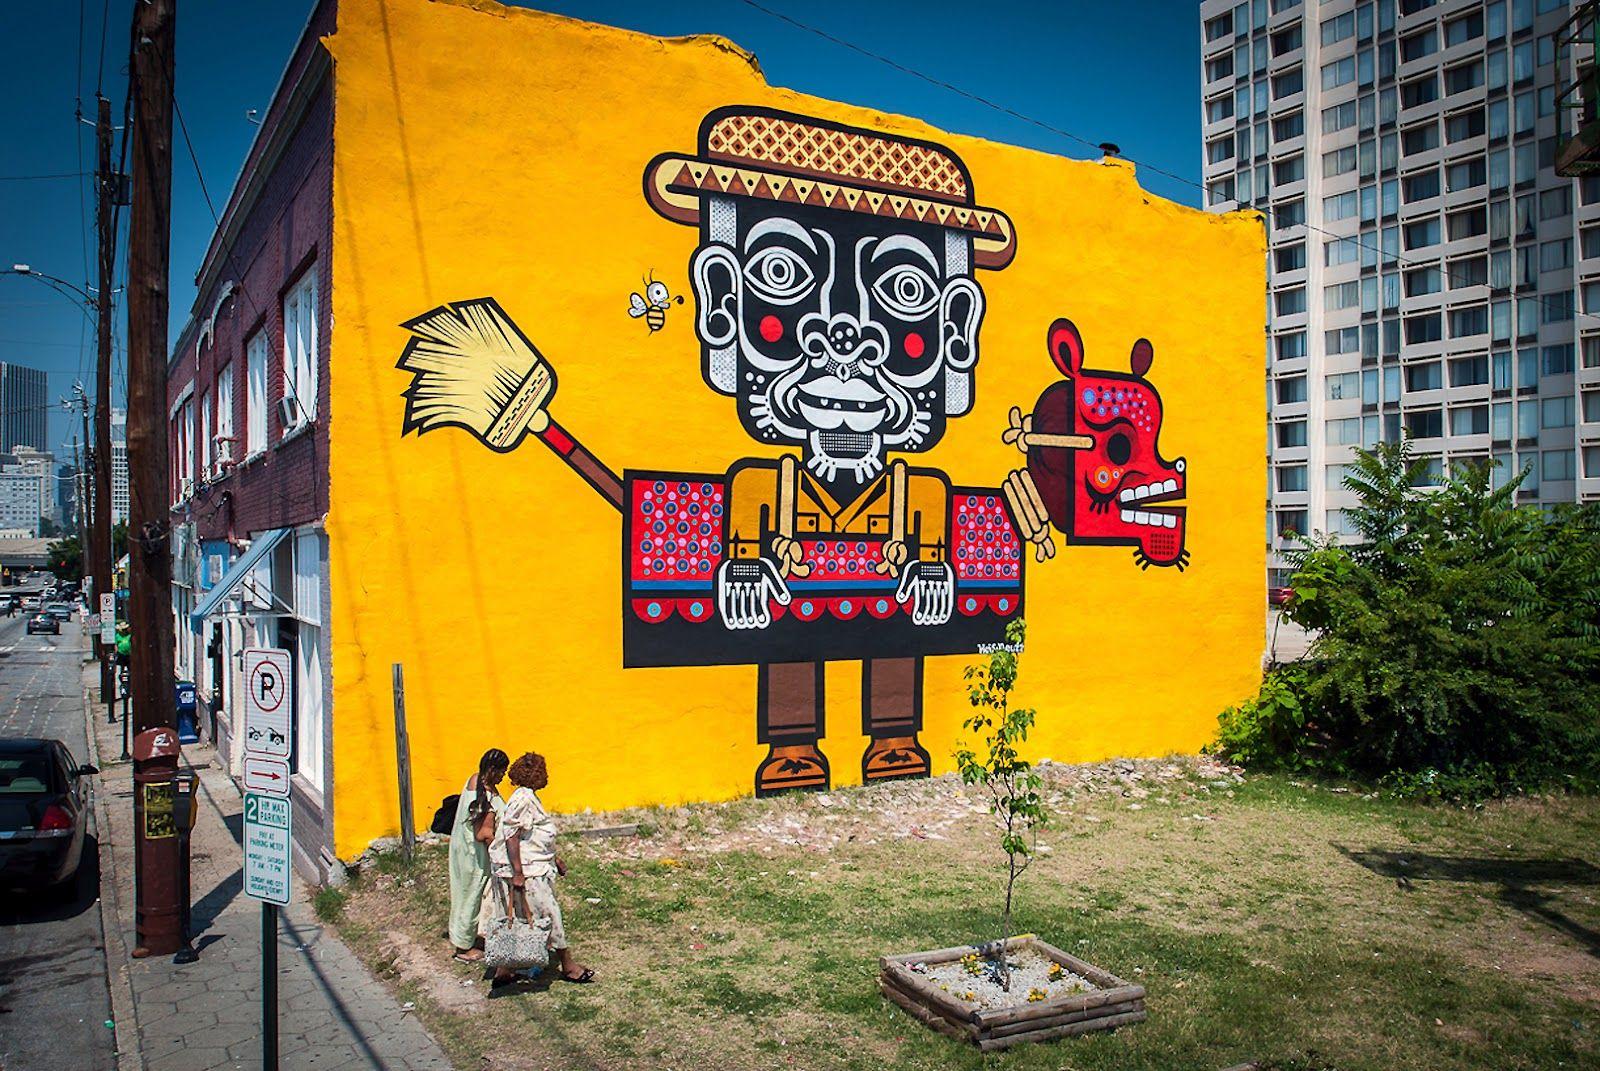 Artista Neuzz From Mexico City Originally Oaxaca Flies To Atlanta Bring Art An Impoverished Community